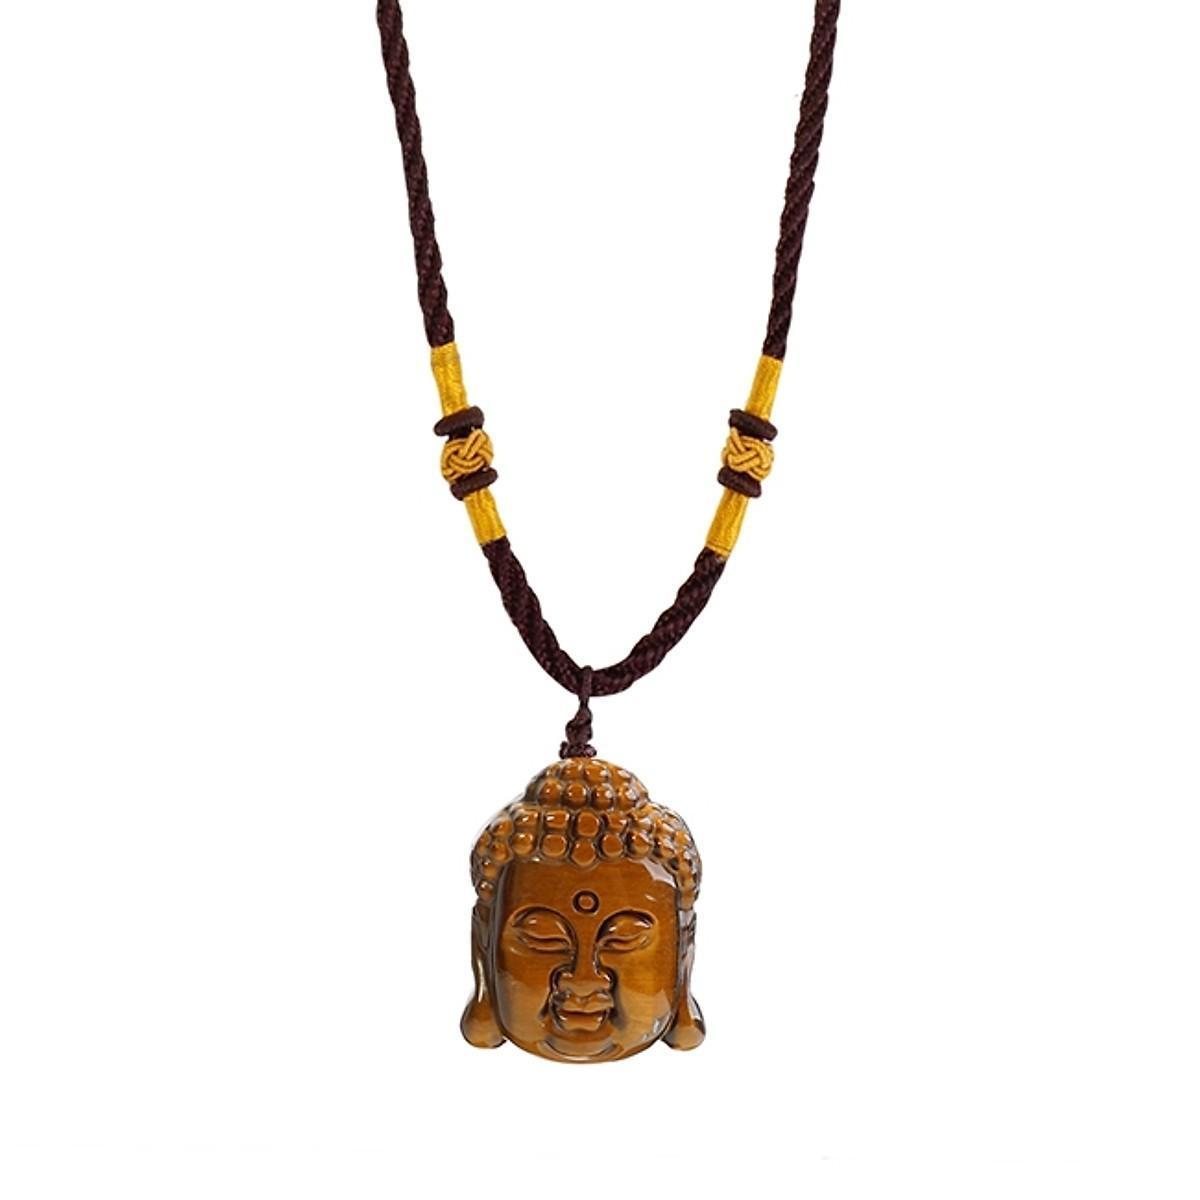 Mặt Dây Chuyền Phật Thích Ca Mâu Ni Đá Mắt Hổ Nâu Vàng Thiên Nhiên - Phù Hộ Độ Trì - Tai Qua Nạn Khỏi  - Tặng Kèm Dây Đeo